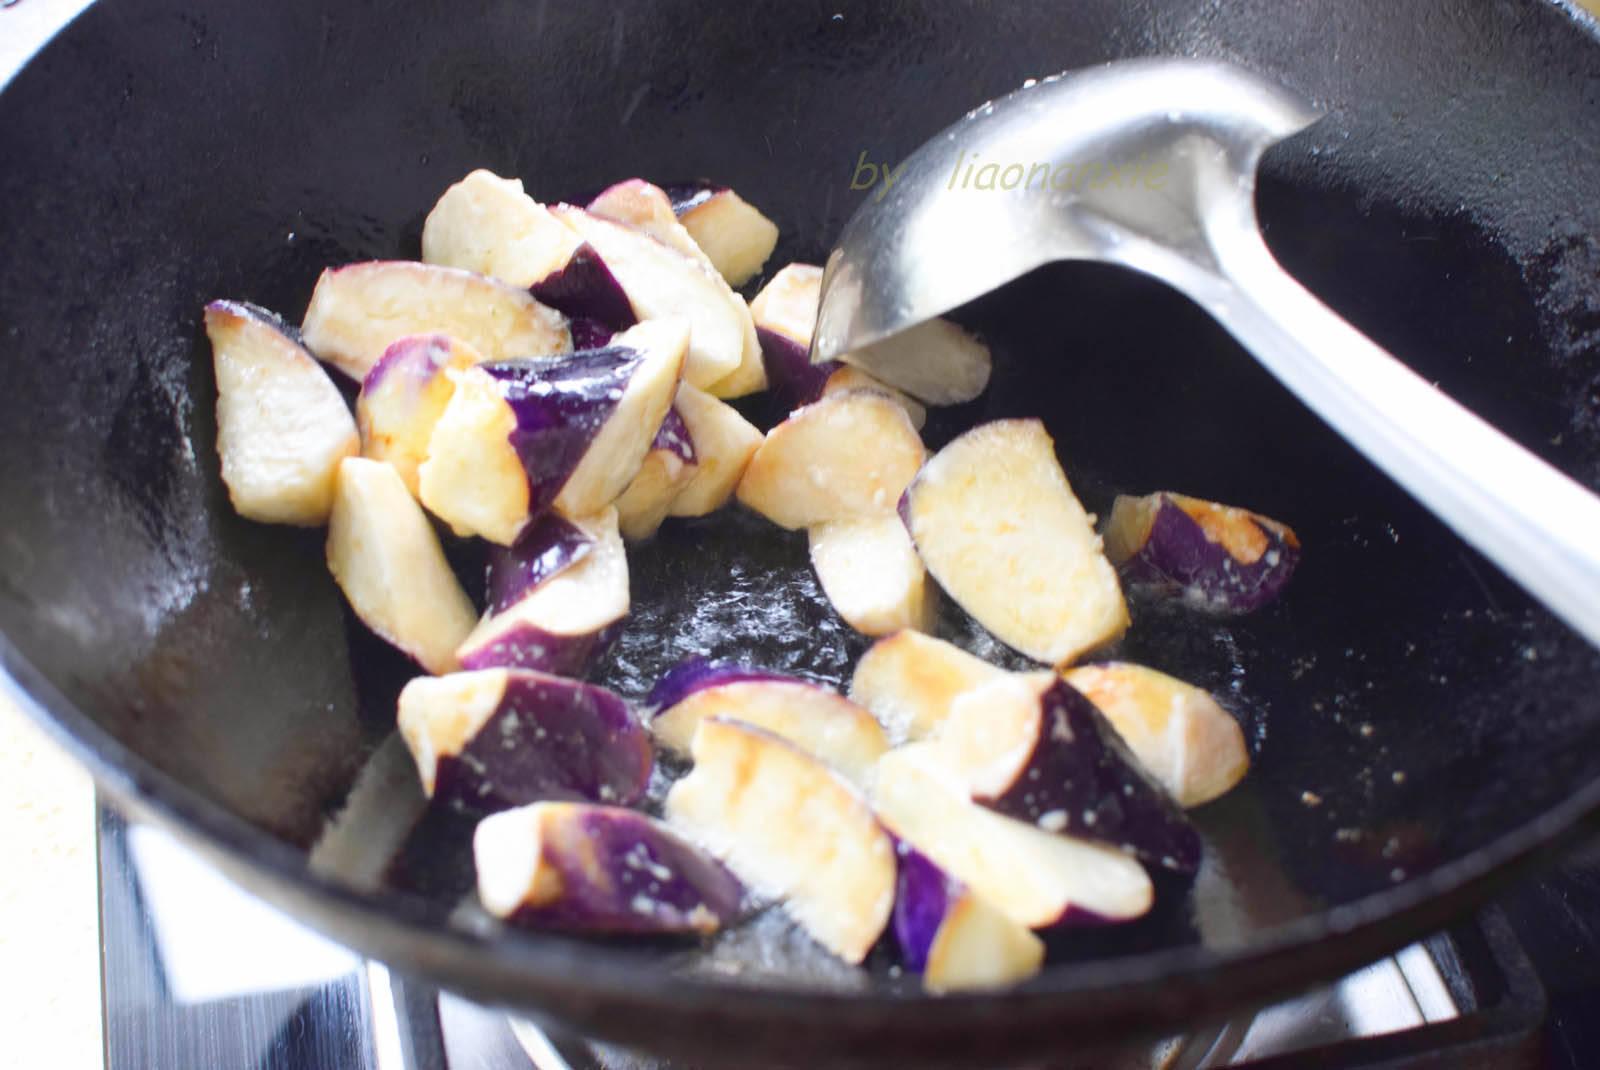 原创烧茄子,这方法真好用,不用油炸也很香,午饭做一盘,上桌就吃光